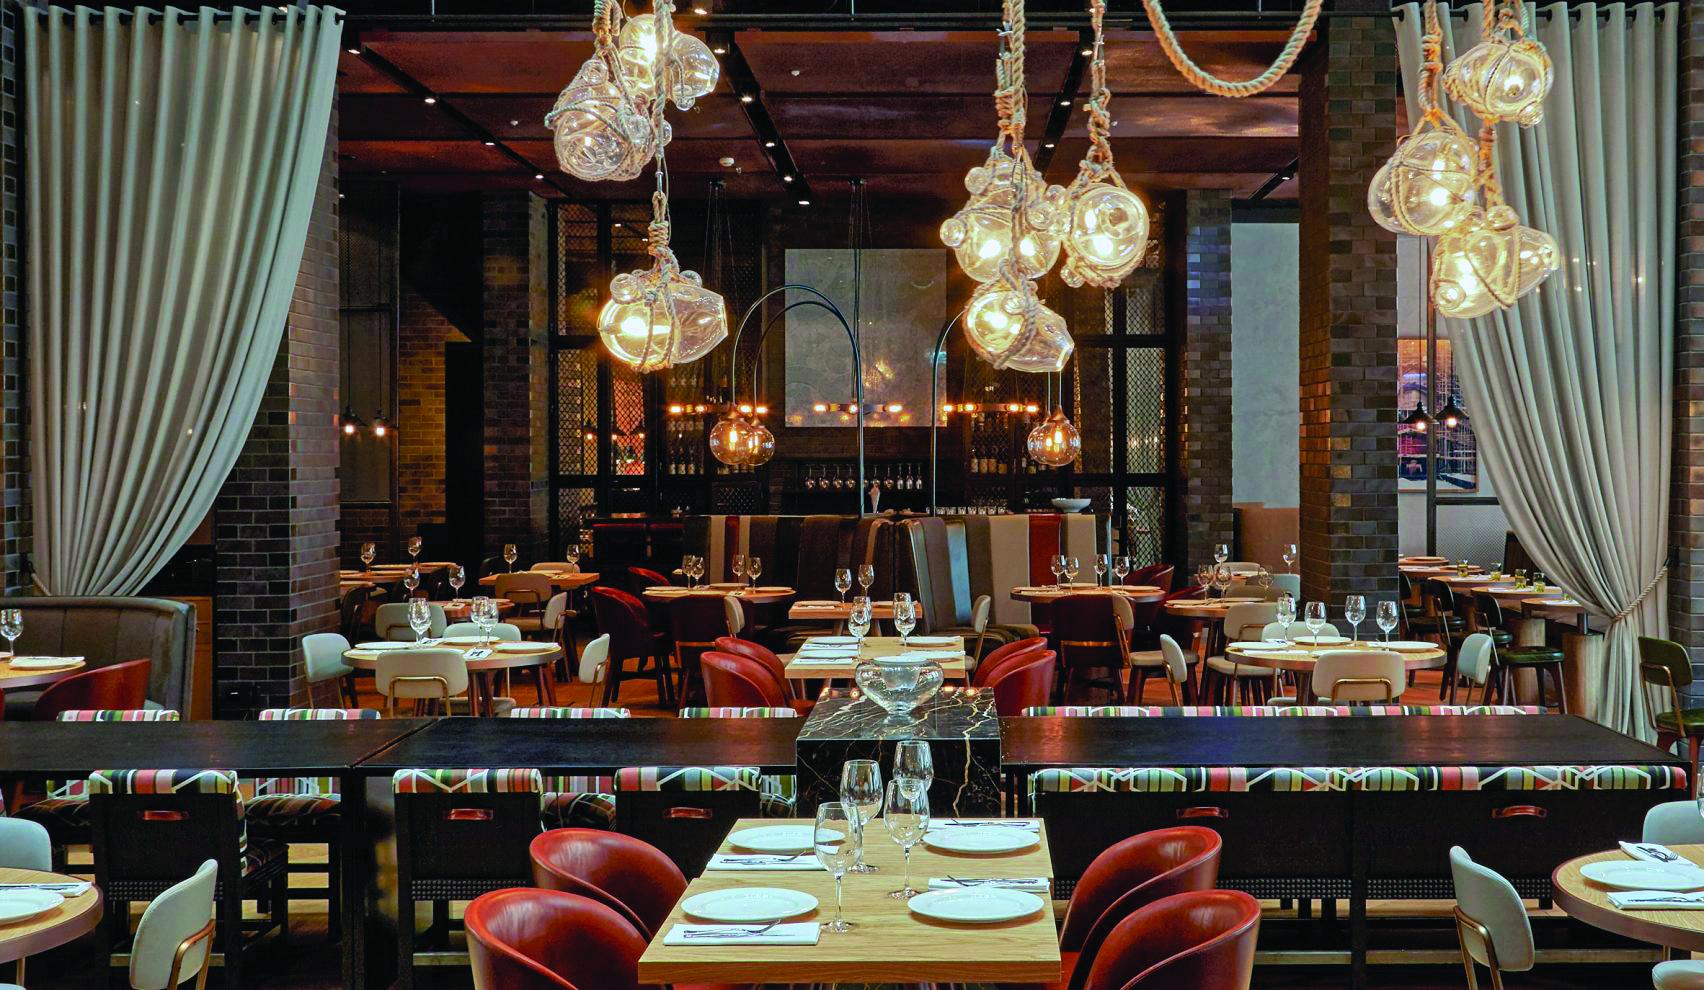 DeSallesFlint tạo ra các nội thất theo chủ đề hàng hải cho khách sạn Puro Gdansk